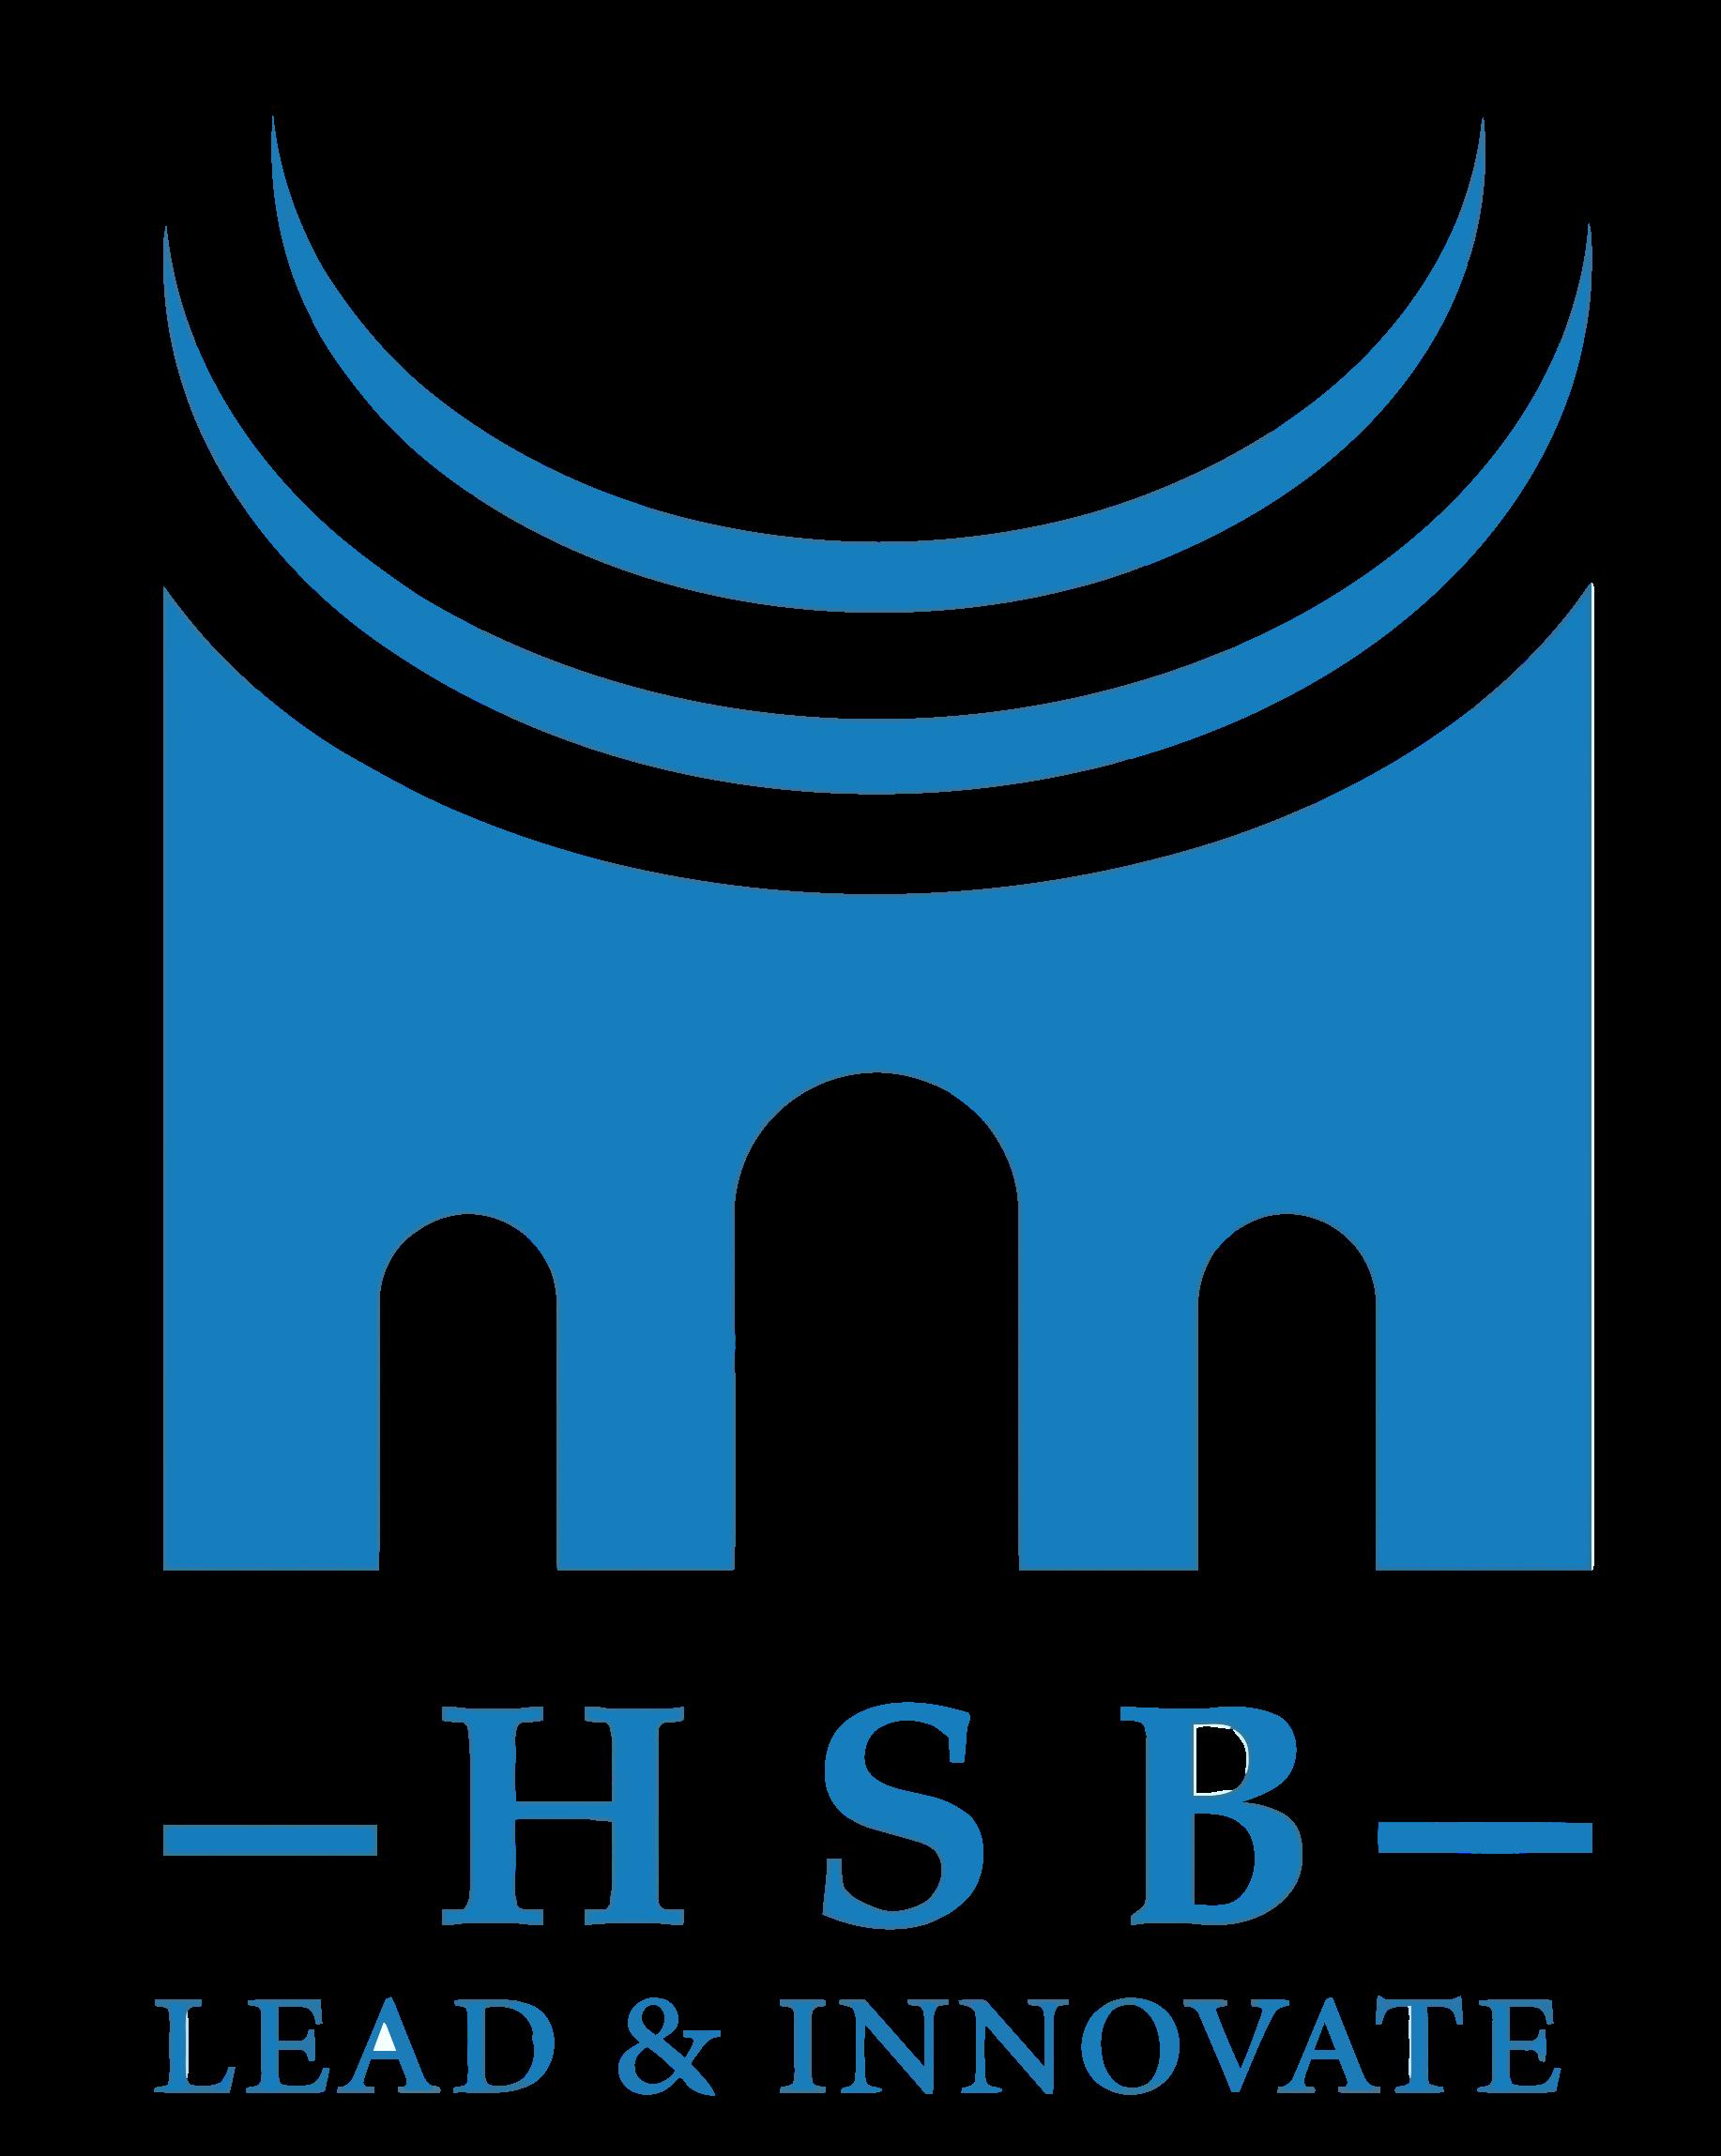 Khoa Quản trị và Kinh doanh, Đại học Quốc gia Hà Nội